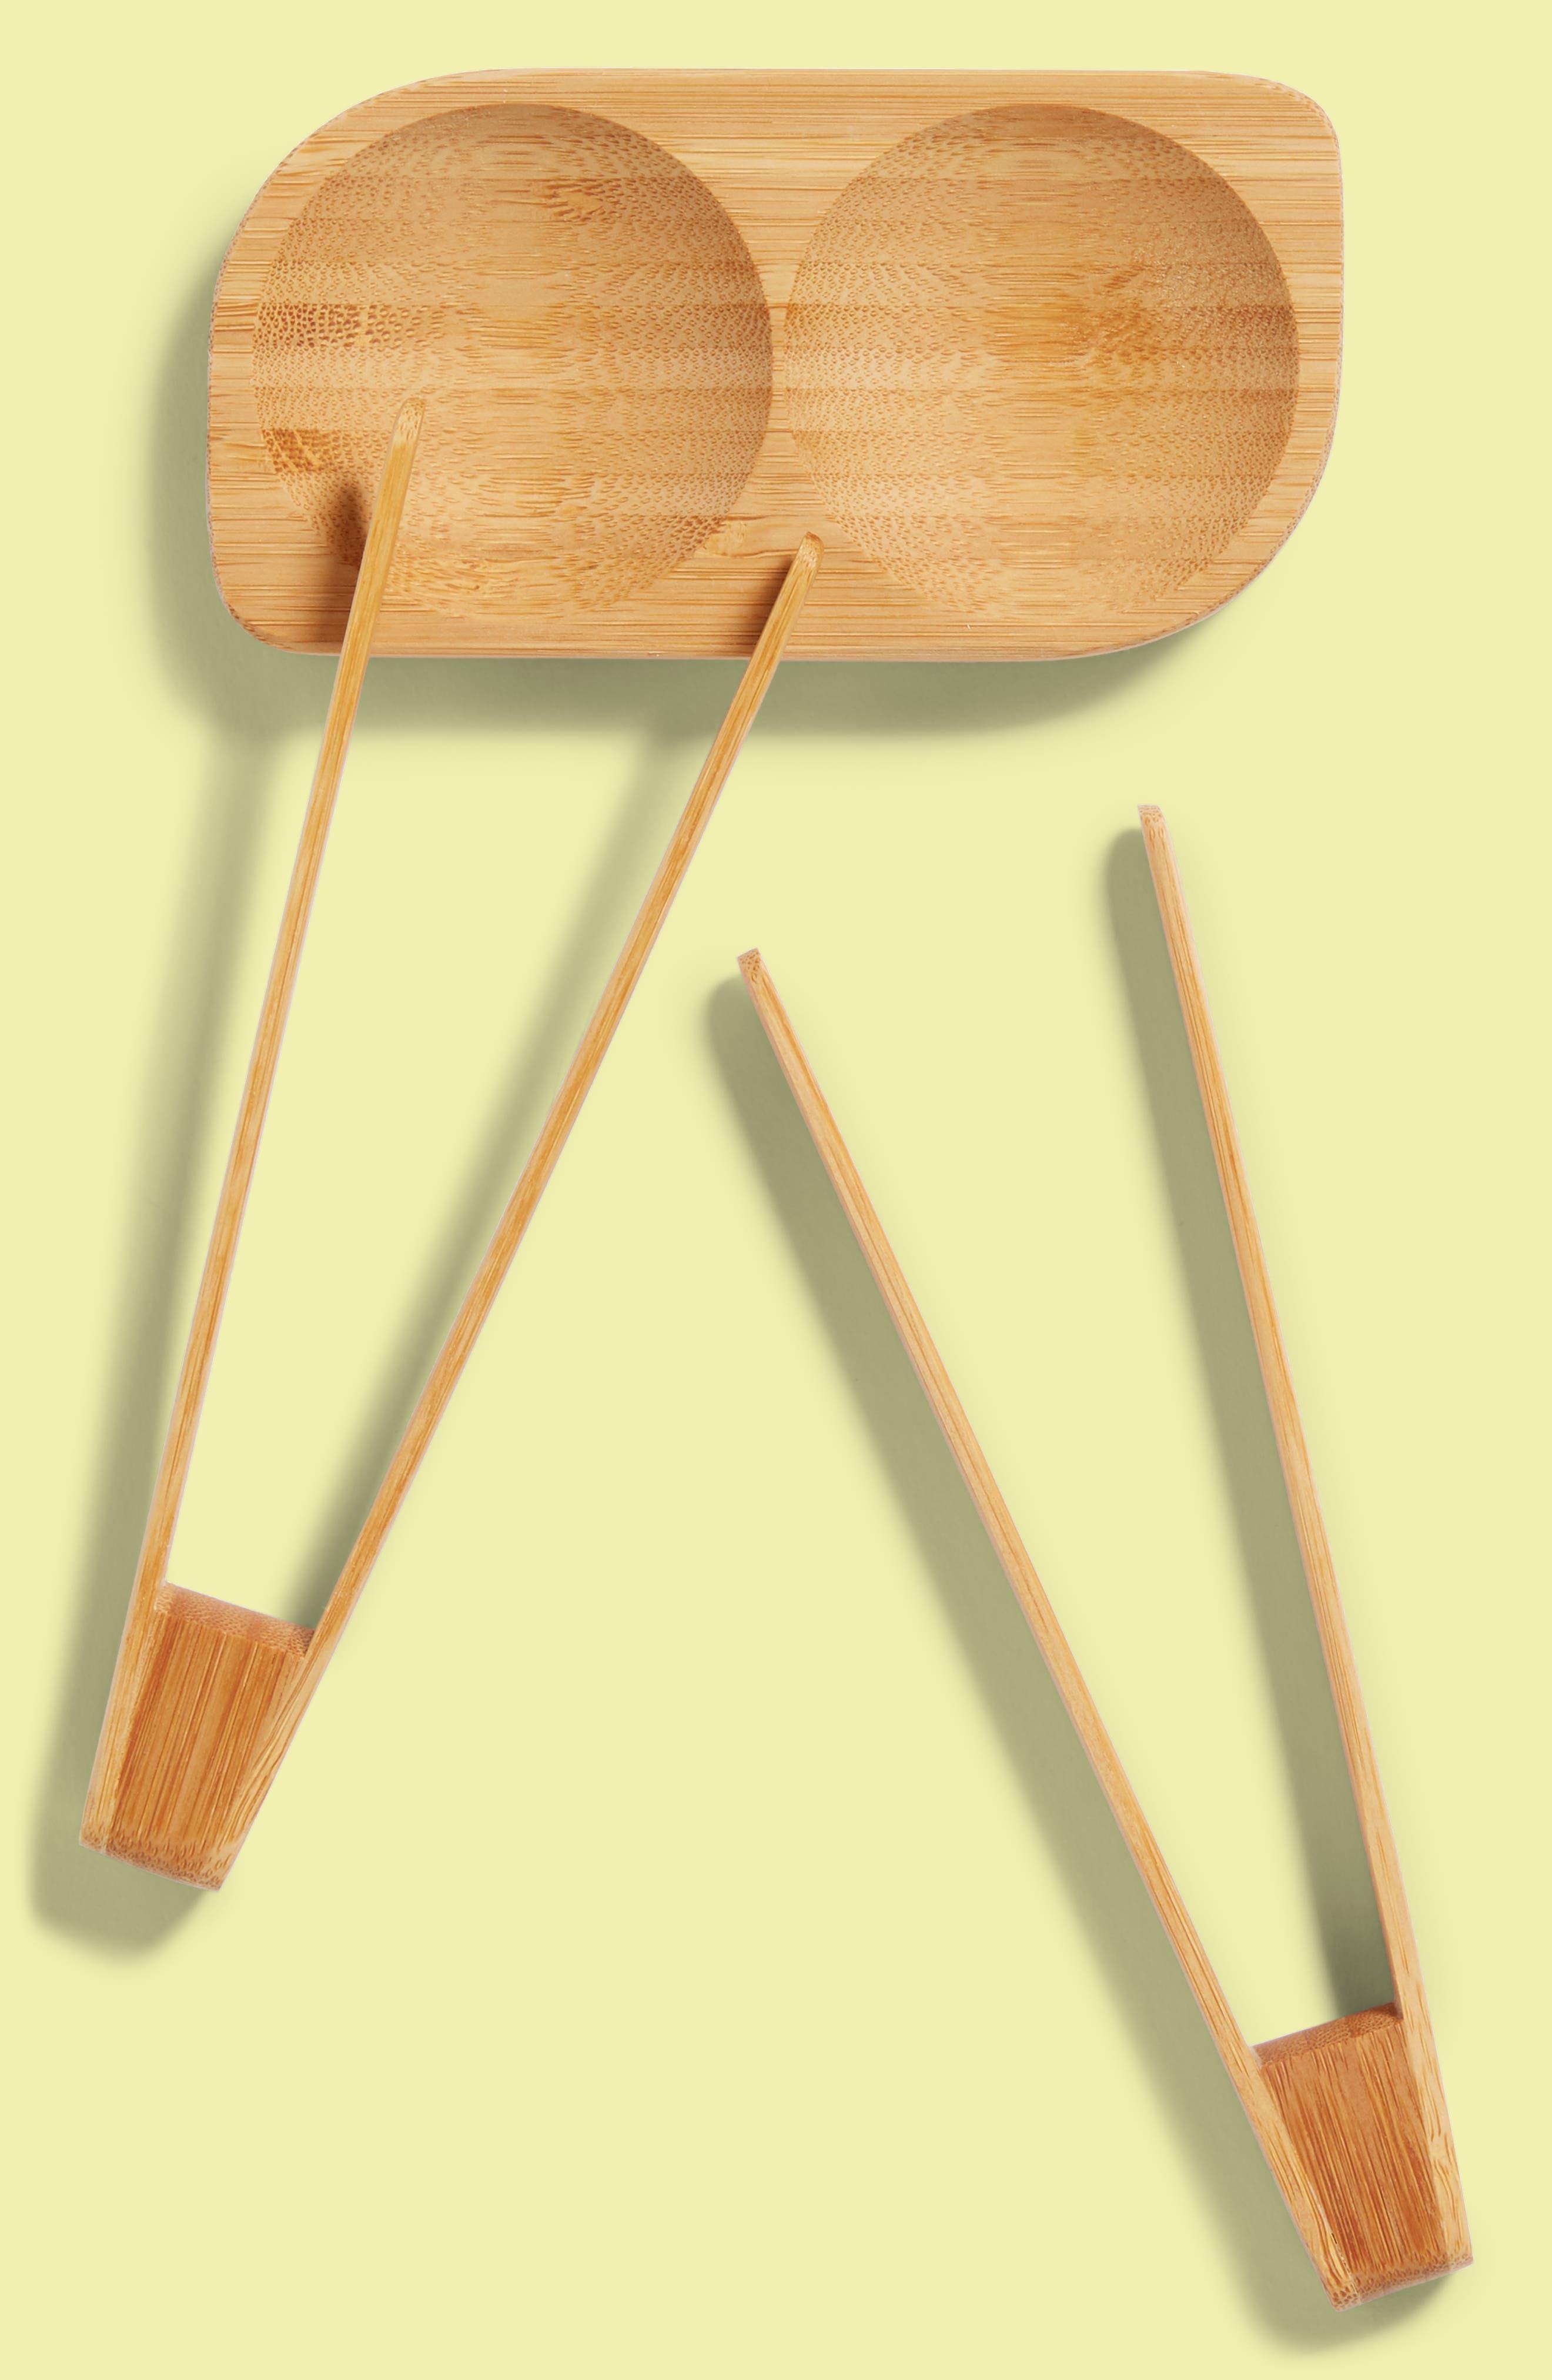 3-Piece Bamboo Sushi Tray & Songs Set,                             Main thumbnail 1, color,                             Natural